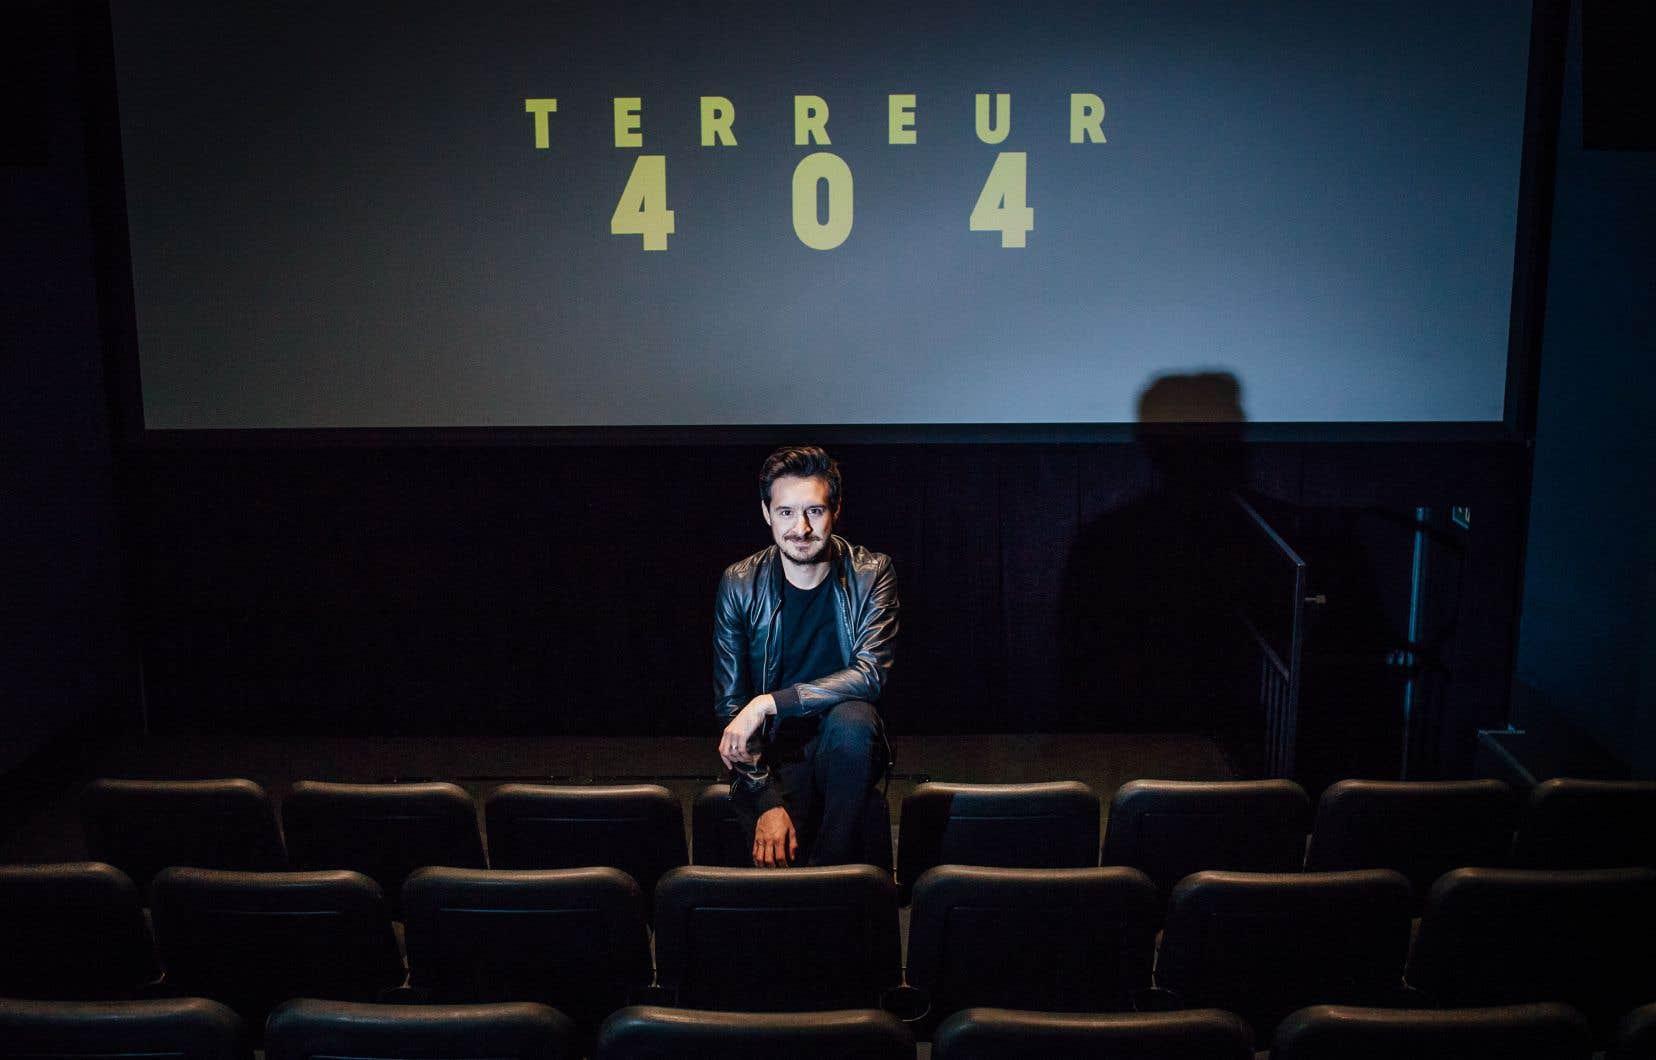 L'équipe de création derrière «Terreur 404» — Sébastien Diaz (notre photo) à la réalisation, Samuel Archibald et William S. Messier au scénario — a refusé de diffuser des épisodes supplémentaires au début de 2017. Pas pour longtemps: le jour de l'Halloween, la plateforme Tou.tv rendra accessibles sept nouveaux épisodes.